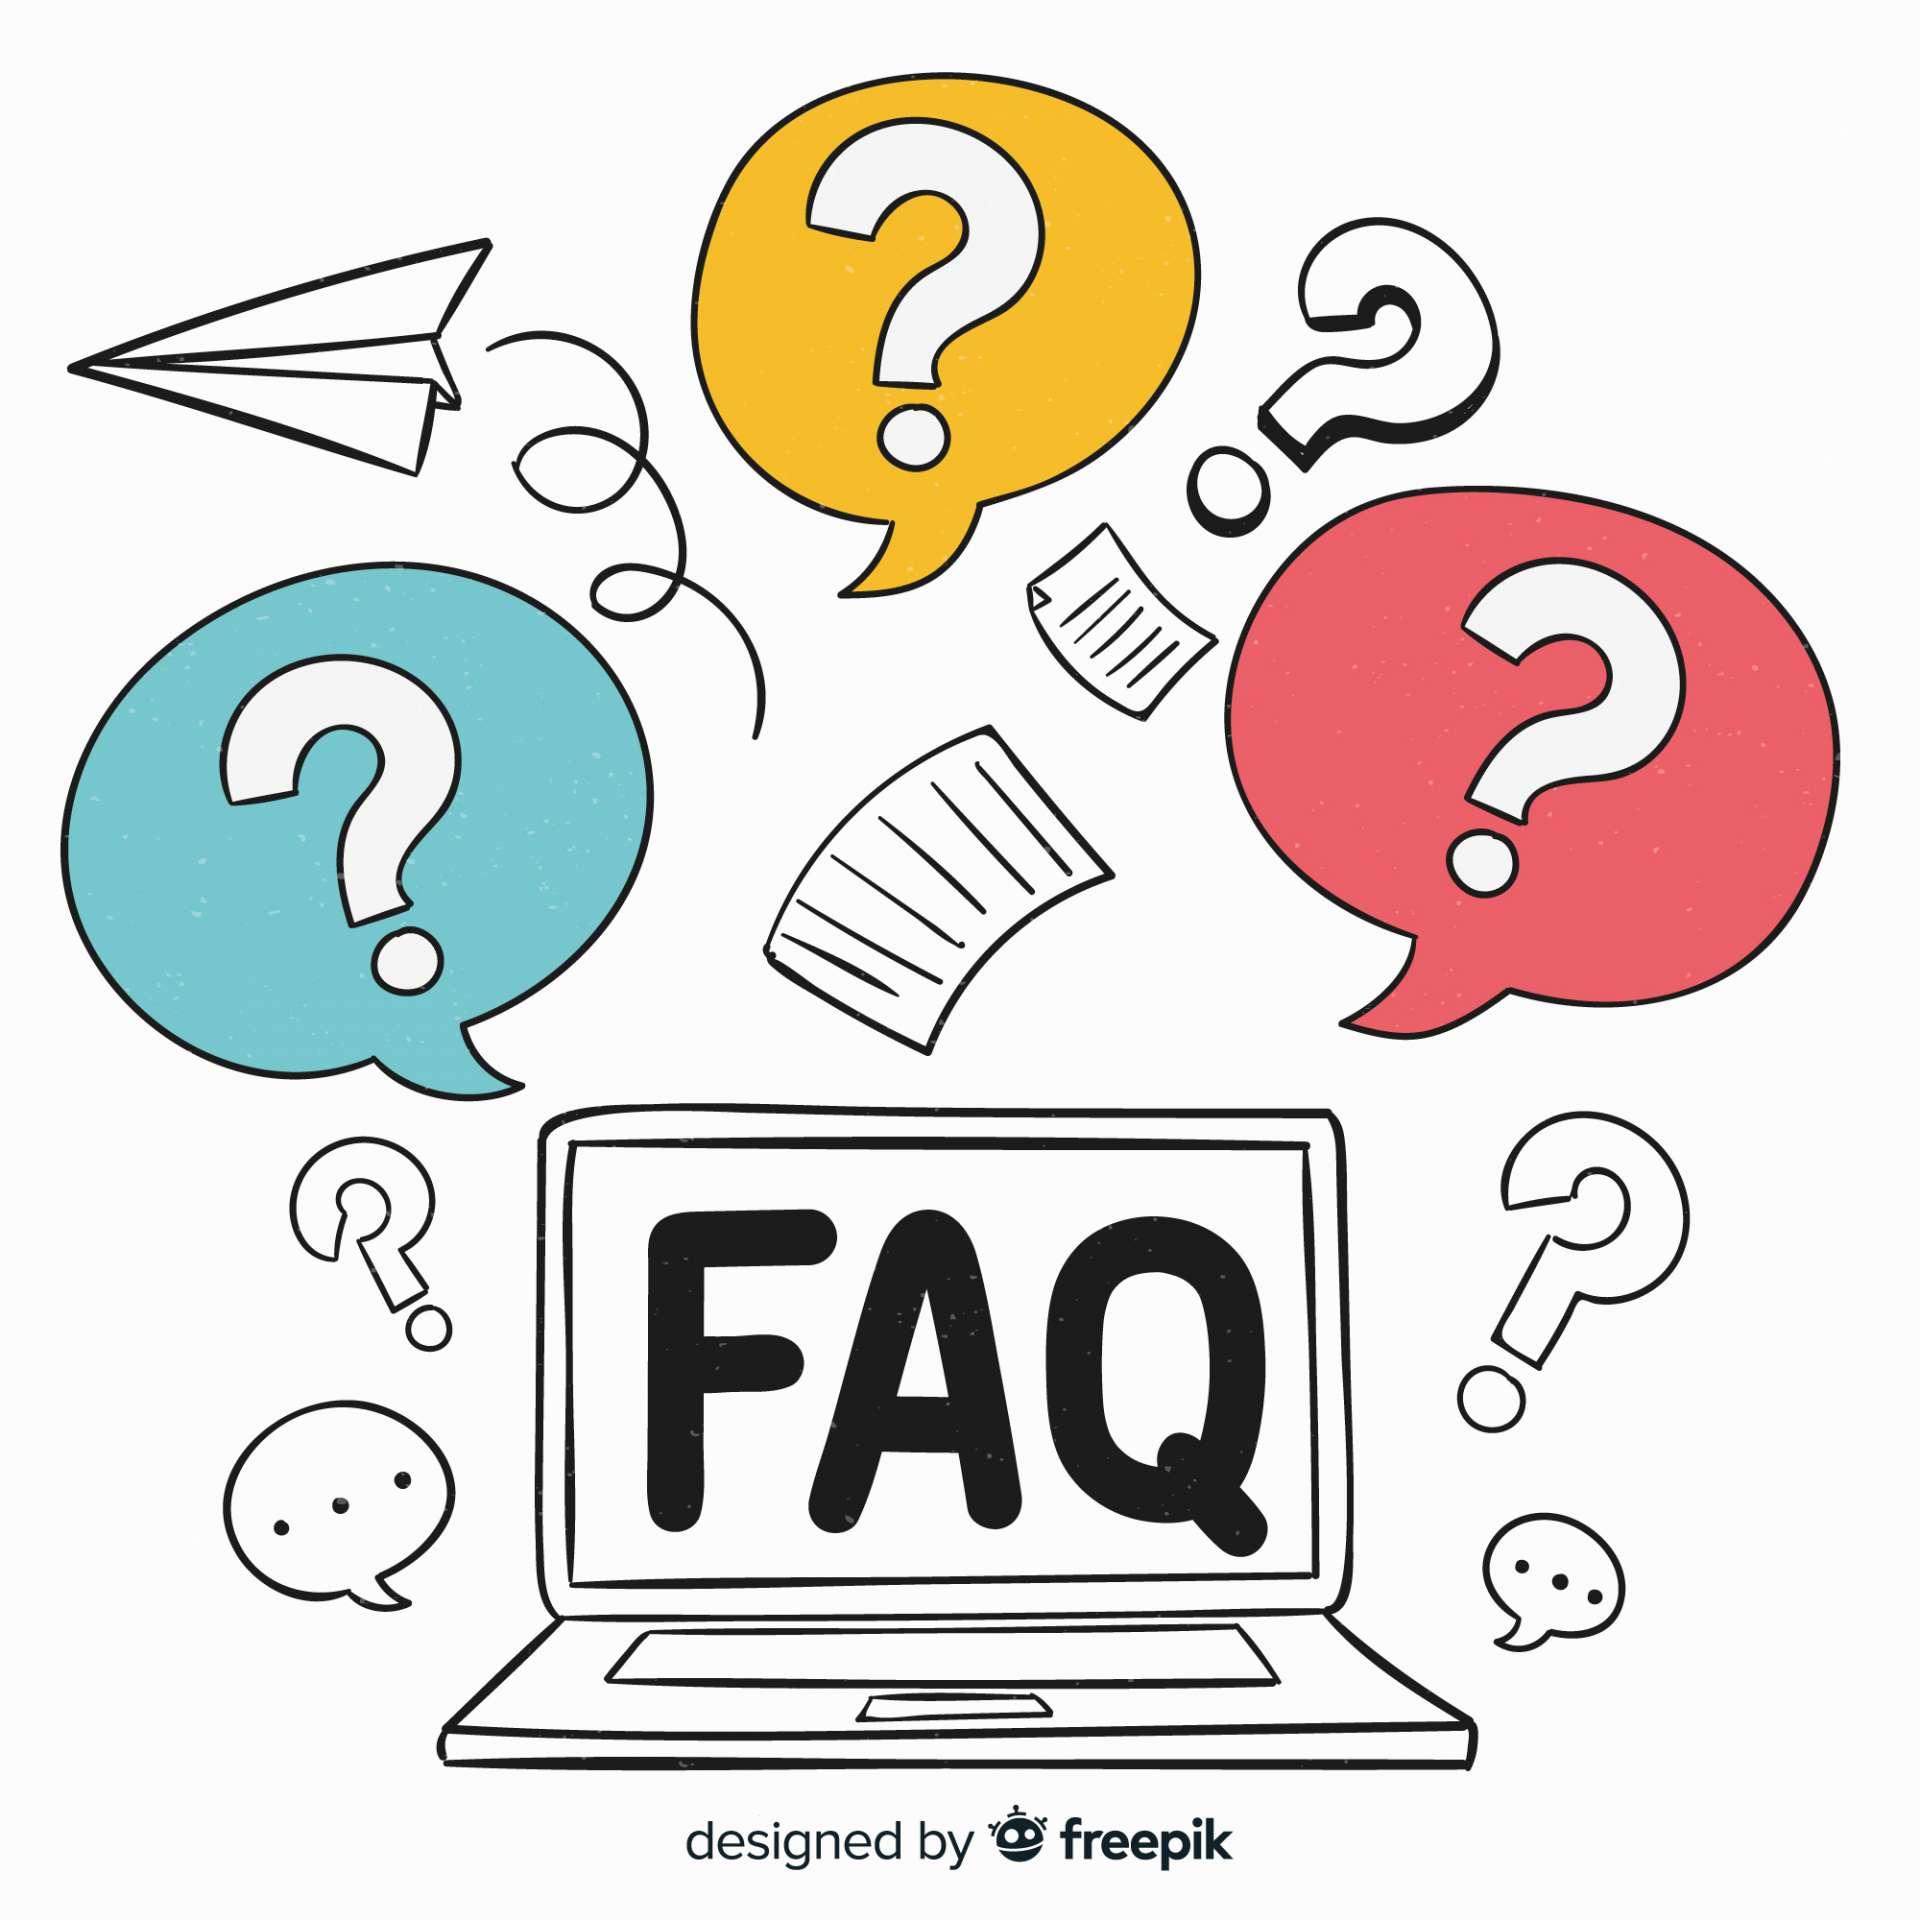 La importancia de las FAQs, ¿qué es y cómo usarlas?